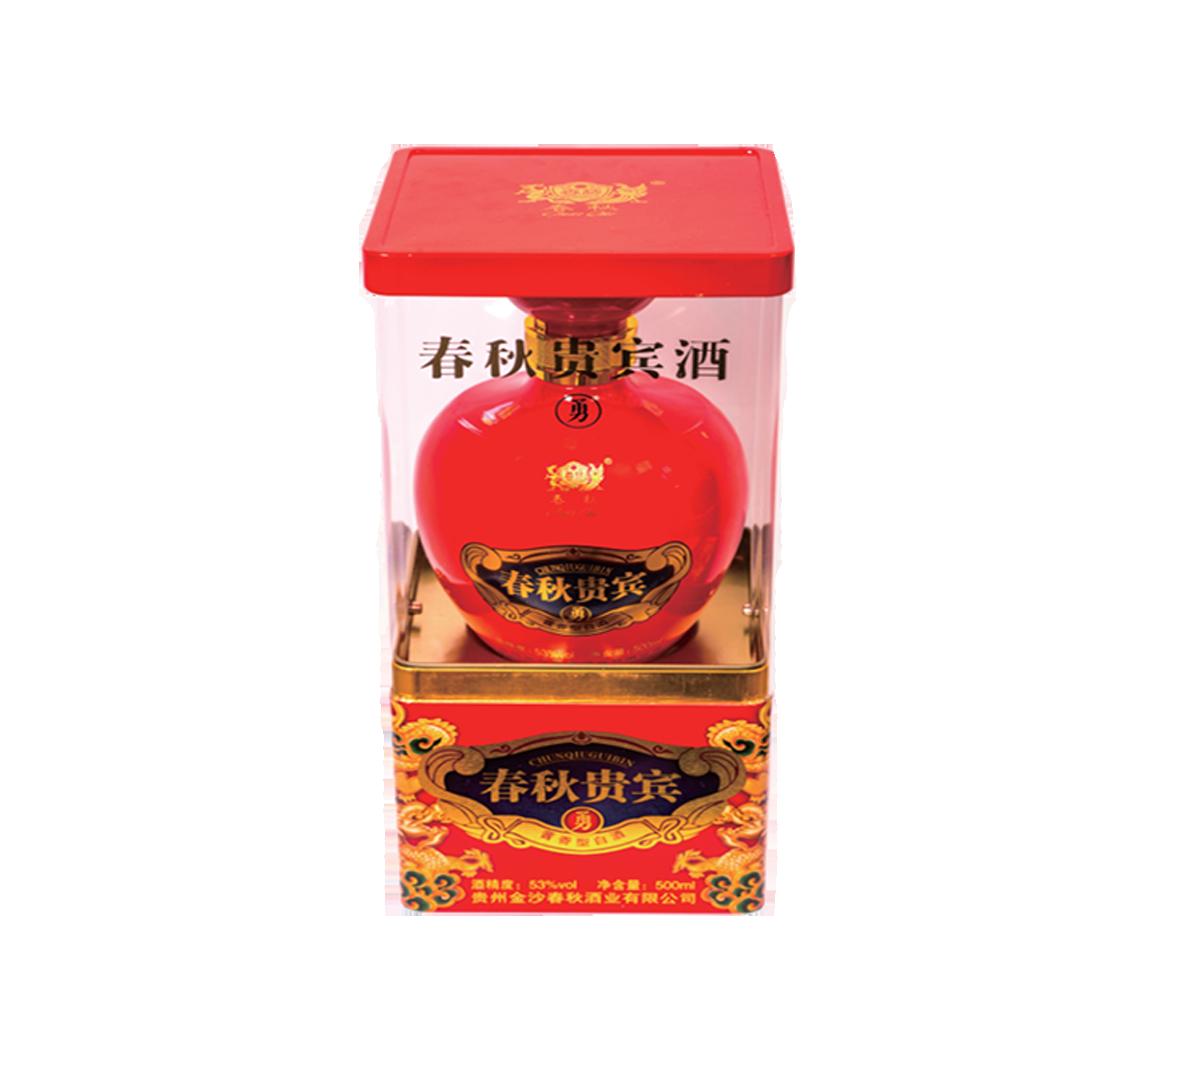 春秋貴賓酒(勇酒)